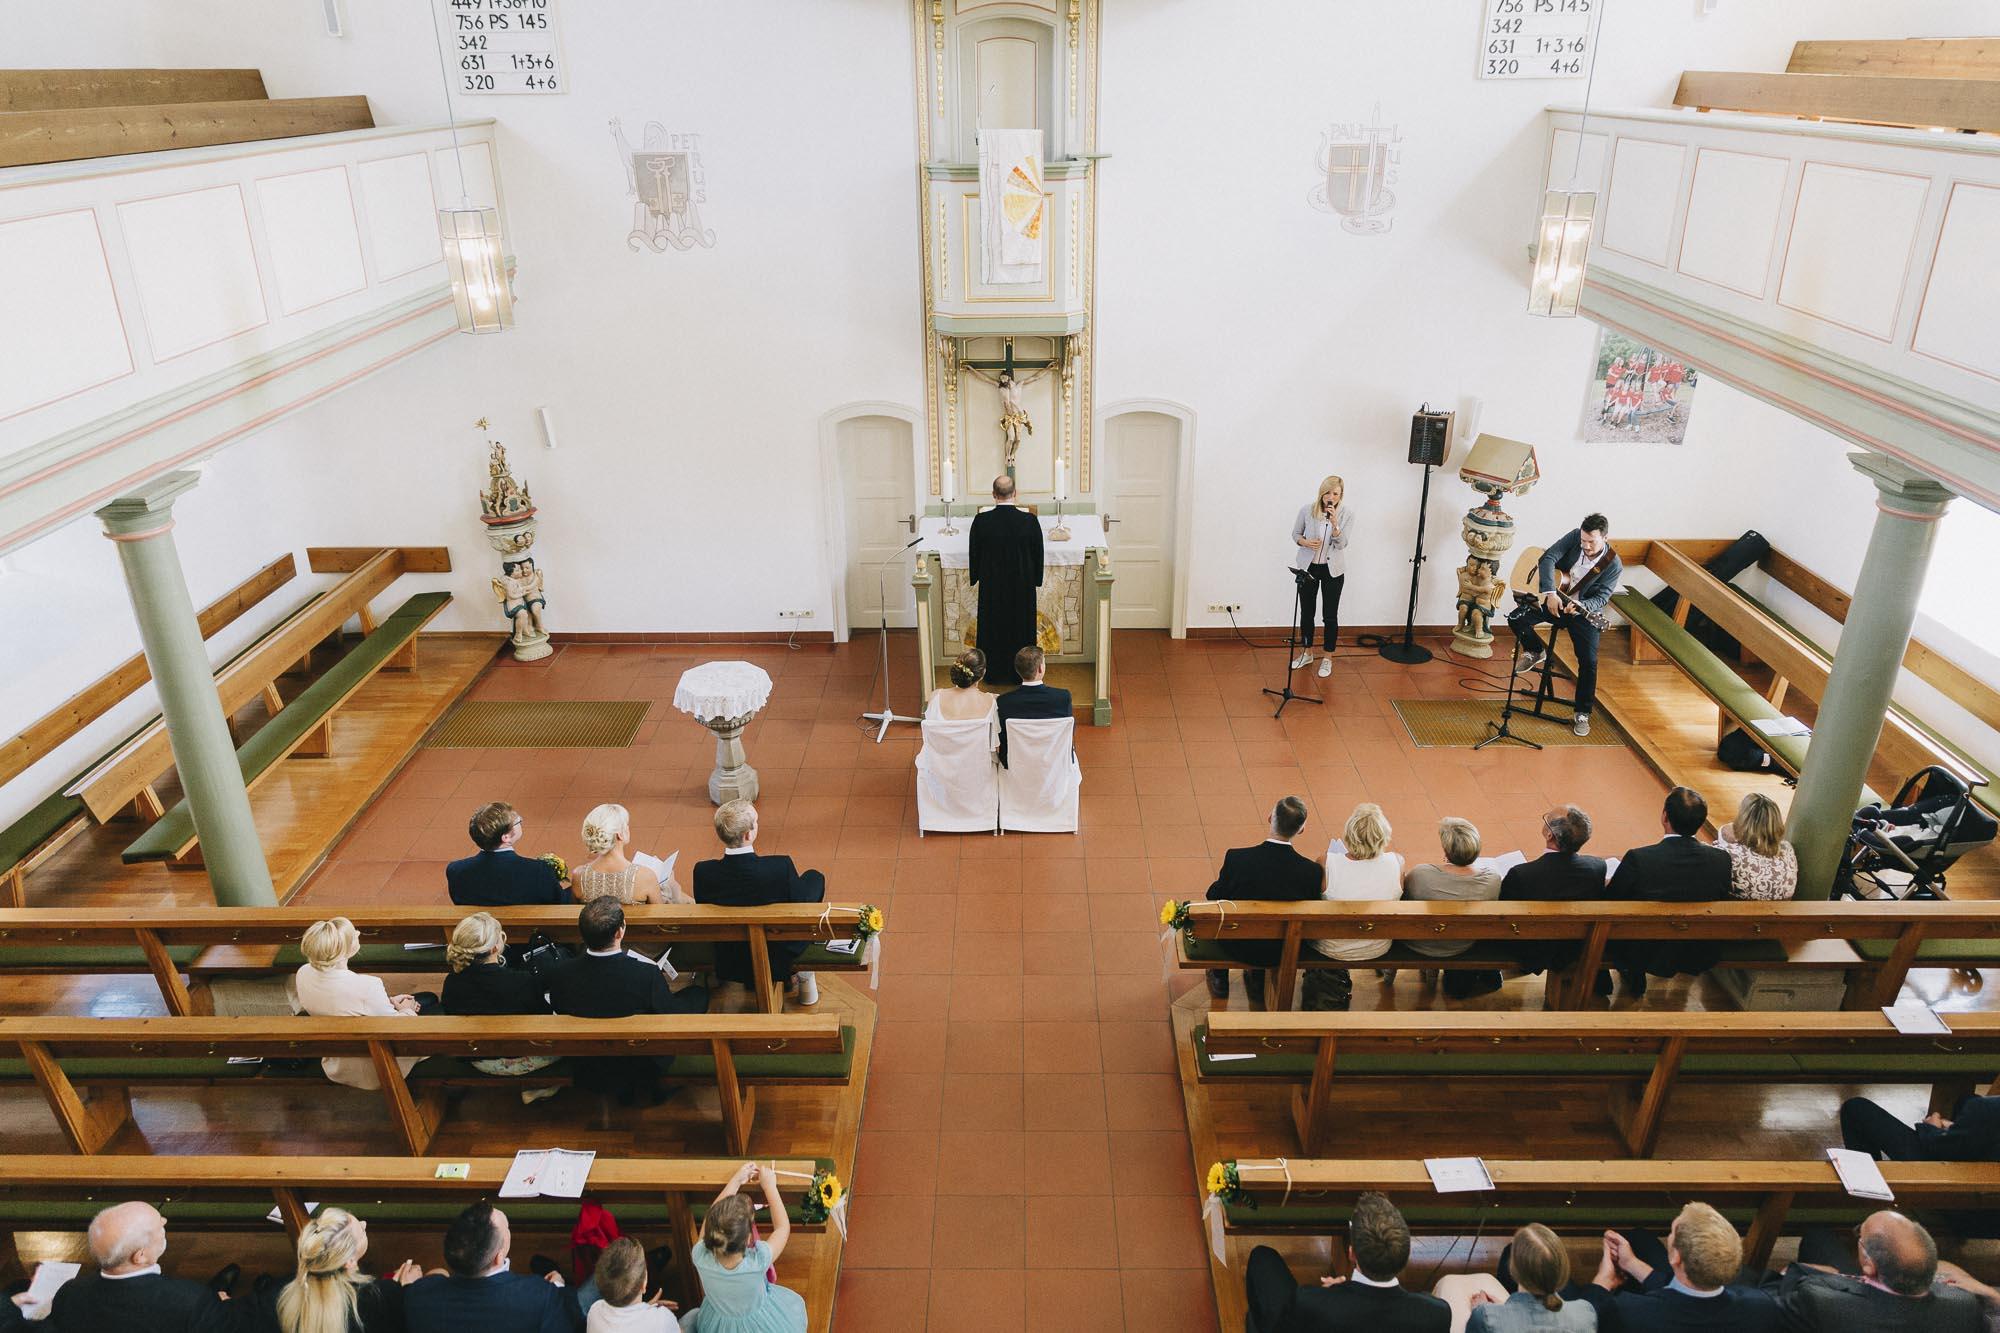 Hochzeitsreportage-Crailsheim-Krystina-Stefan-50